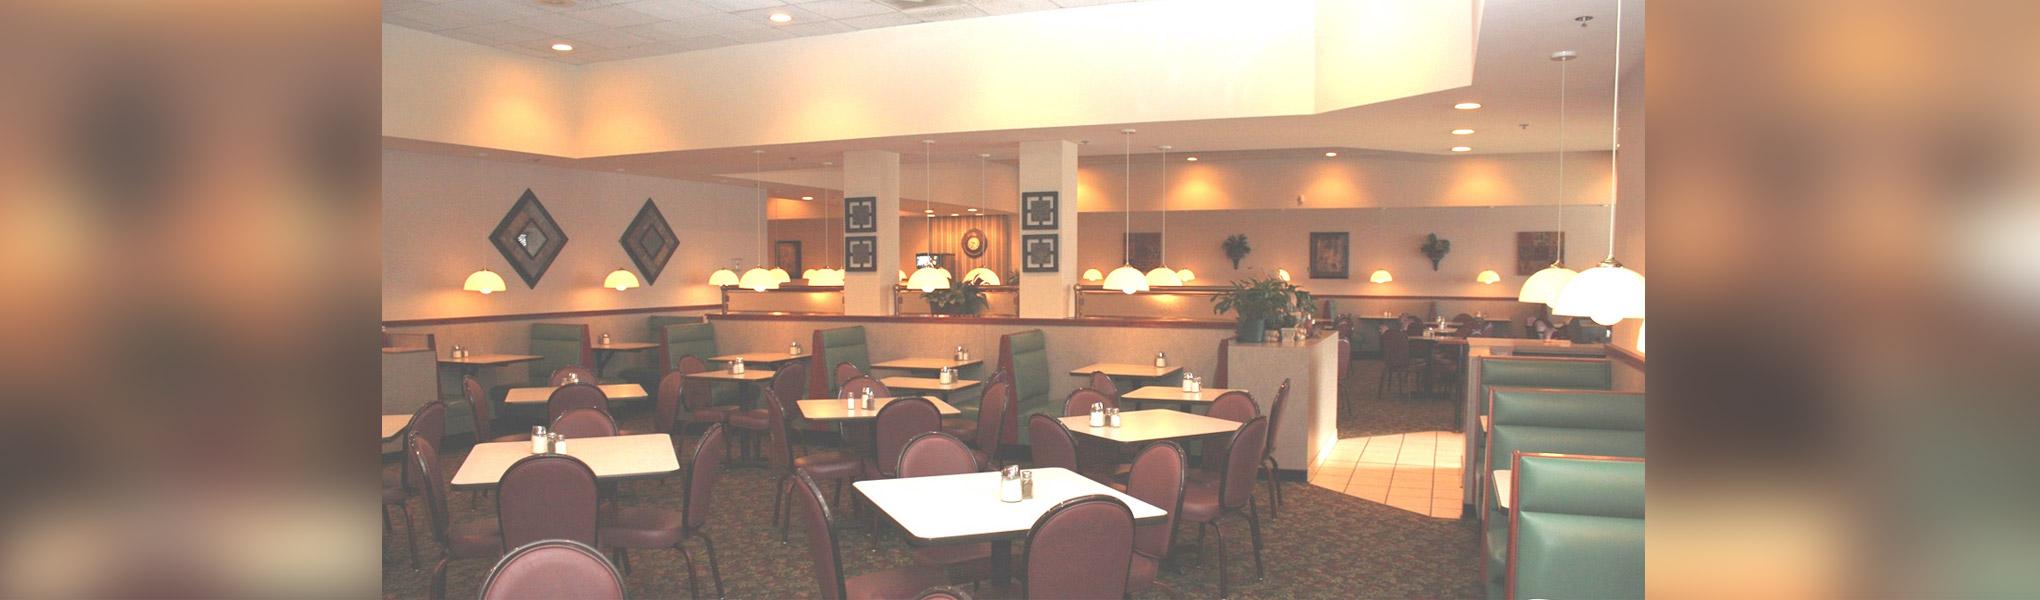 C&H Cafeteria